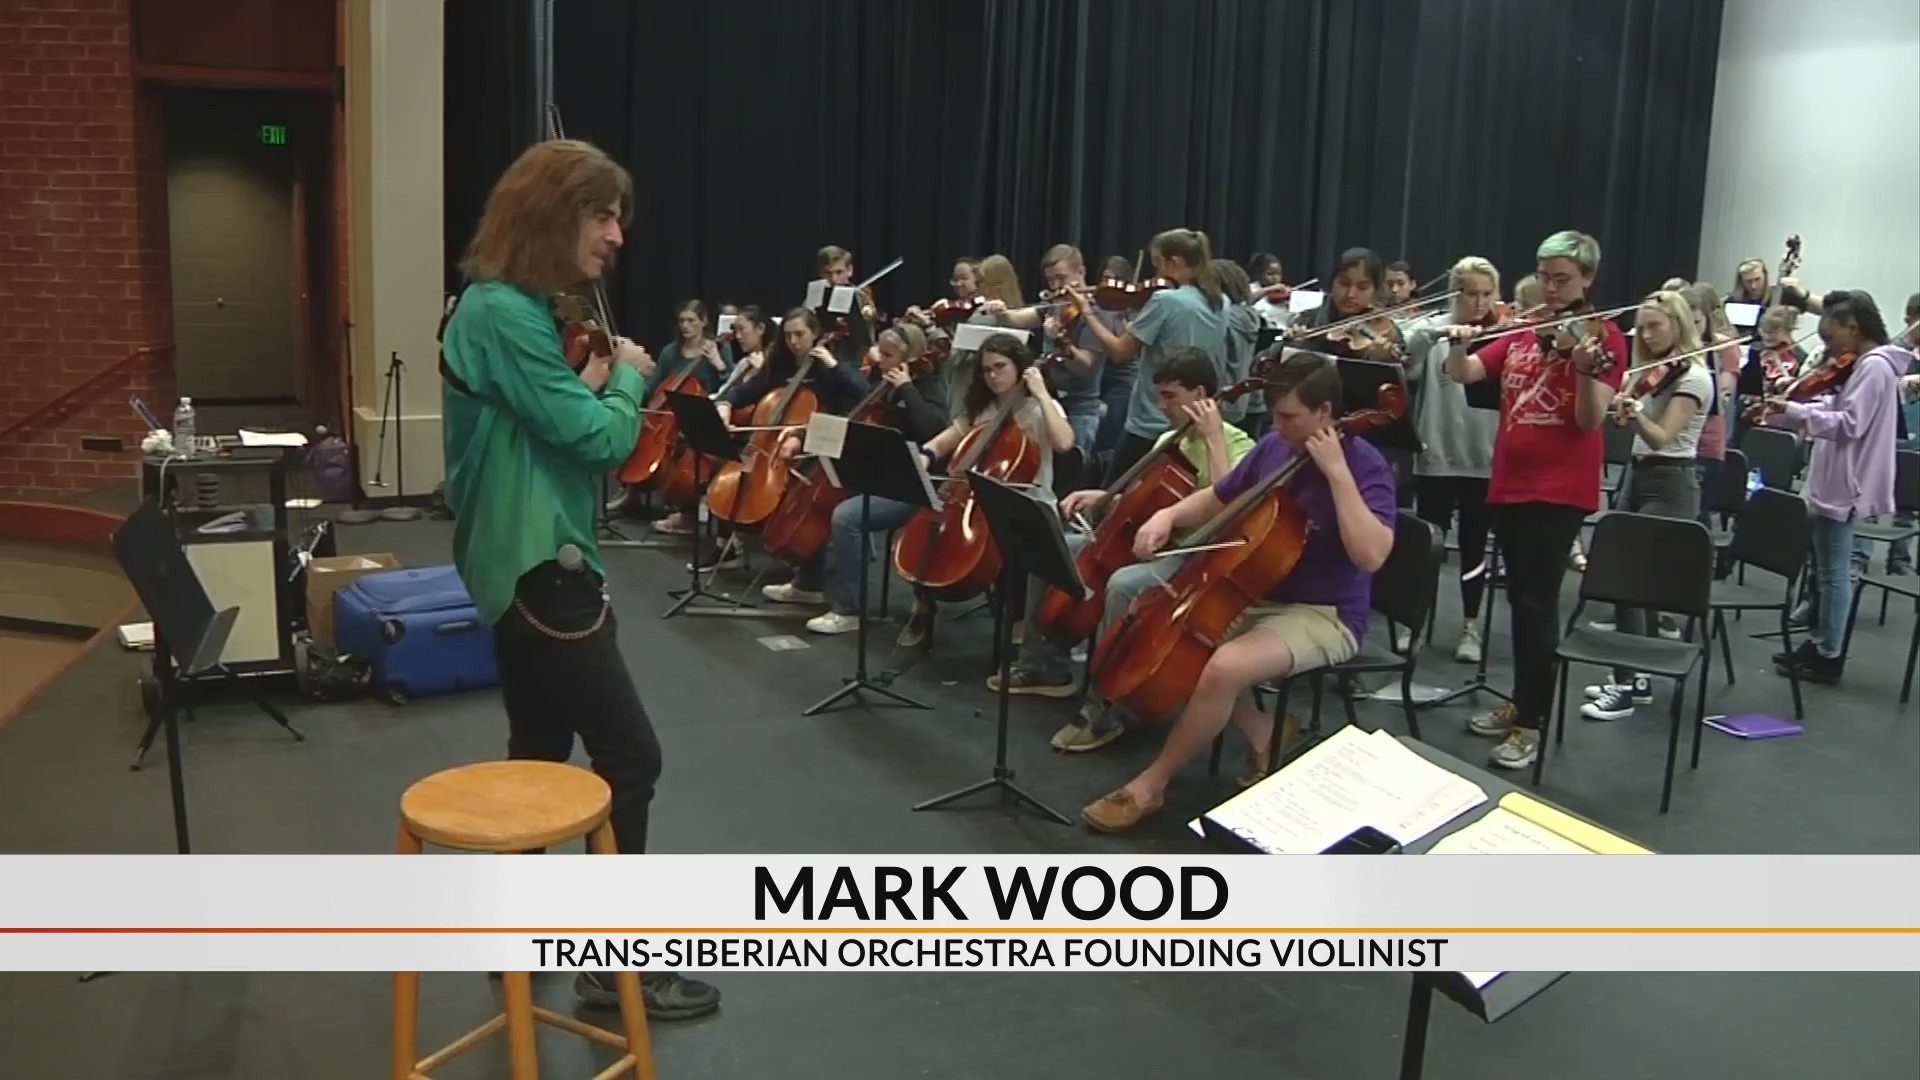 Original Trans-Siberian Orchestra member mentors local students